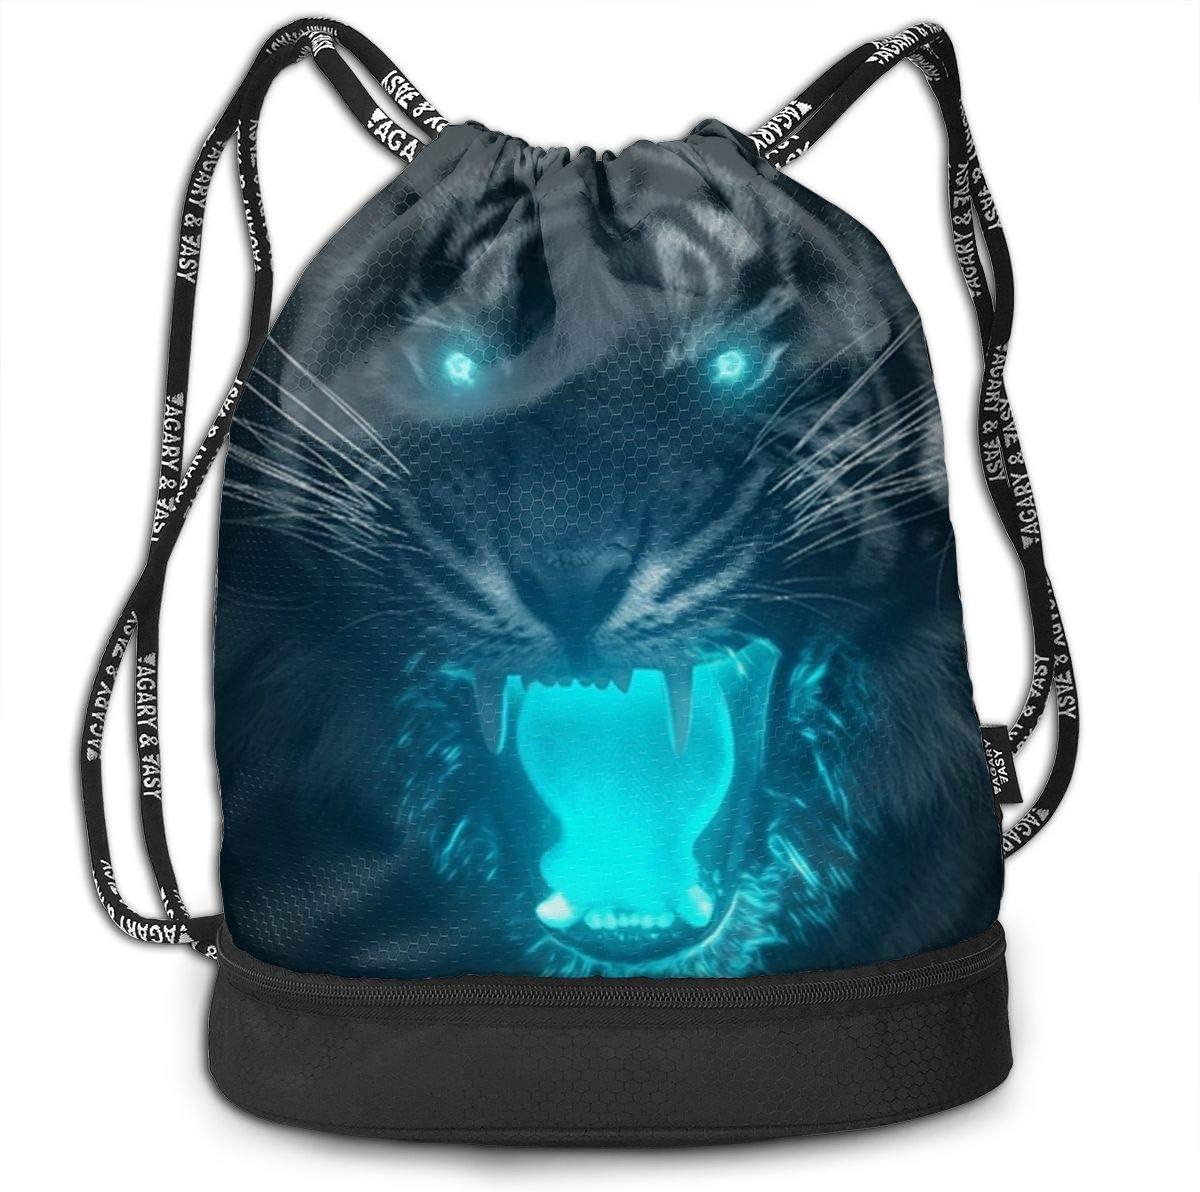 HUOPR5Q Snowing Drawstring Backpack Sport Gym Sack Shoulder Bulk Bag Dance Bag for School Travel